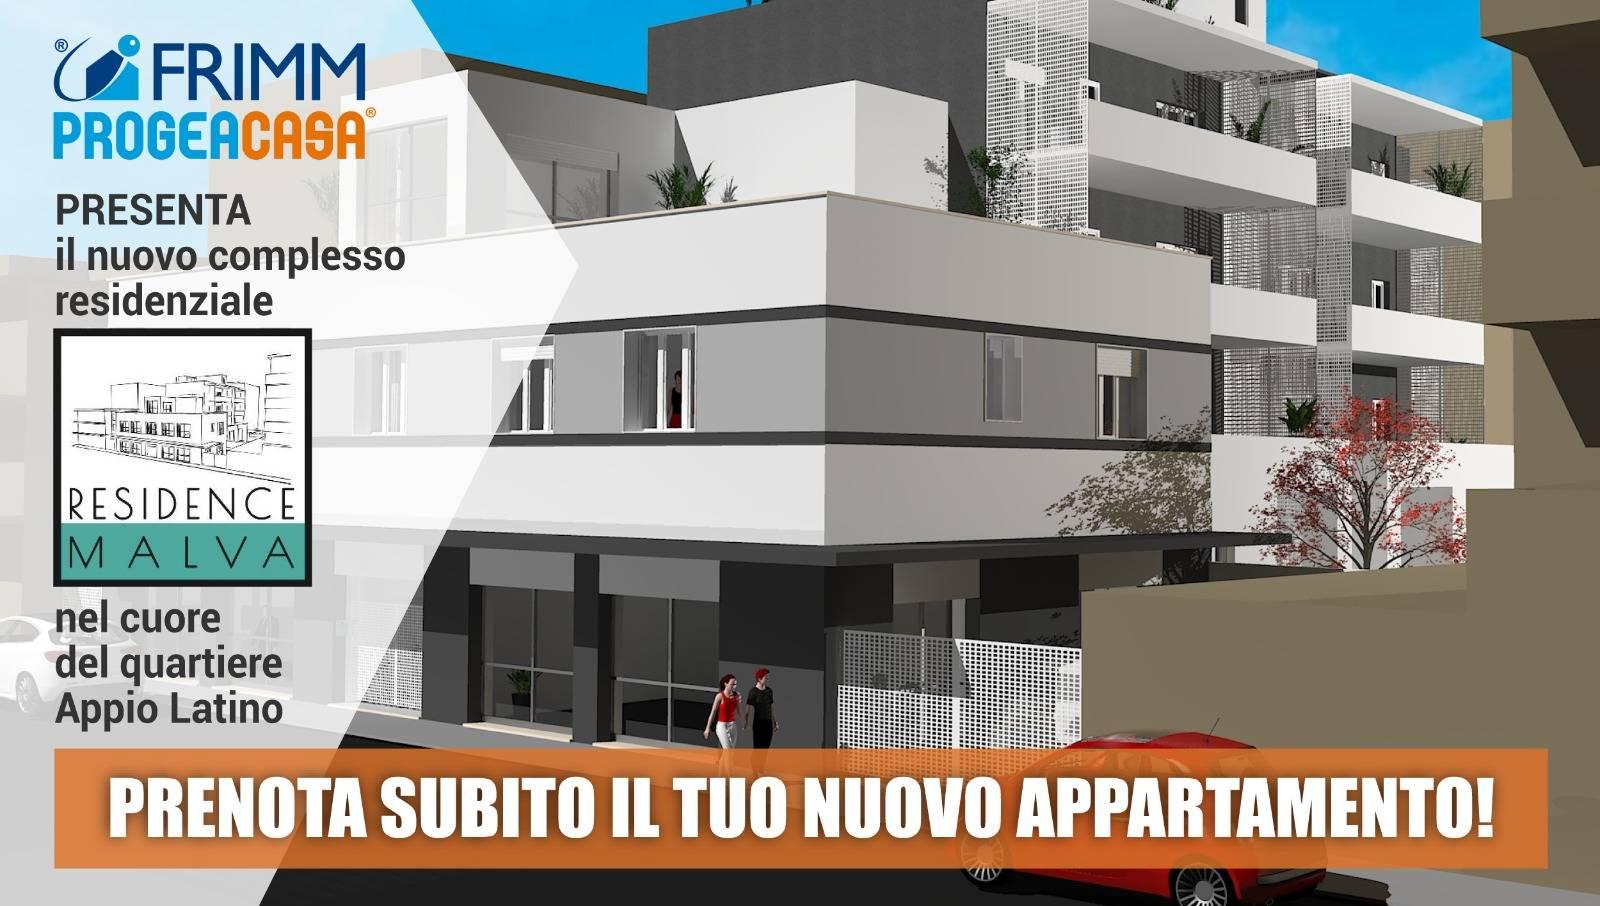 1118418411 Bilocale in Via Michele Amari, Roma, Zona Appio Latino Nuove Costruzioni